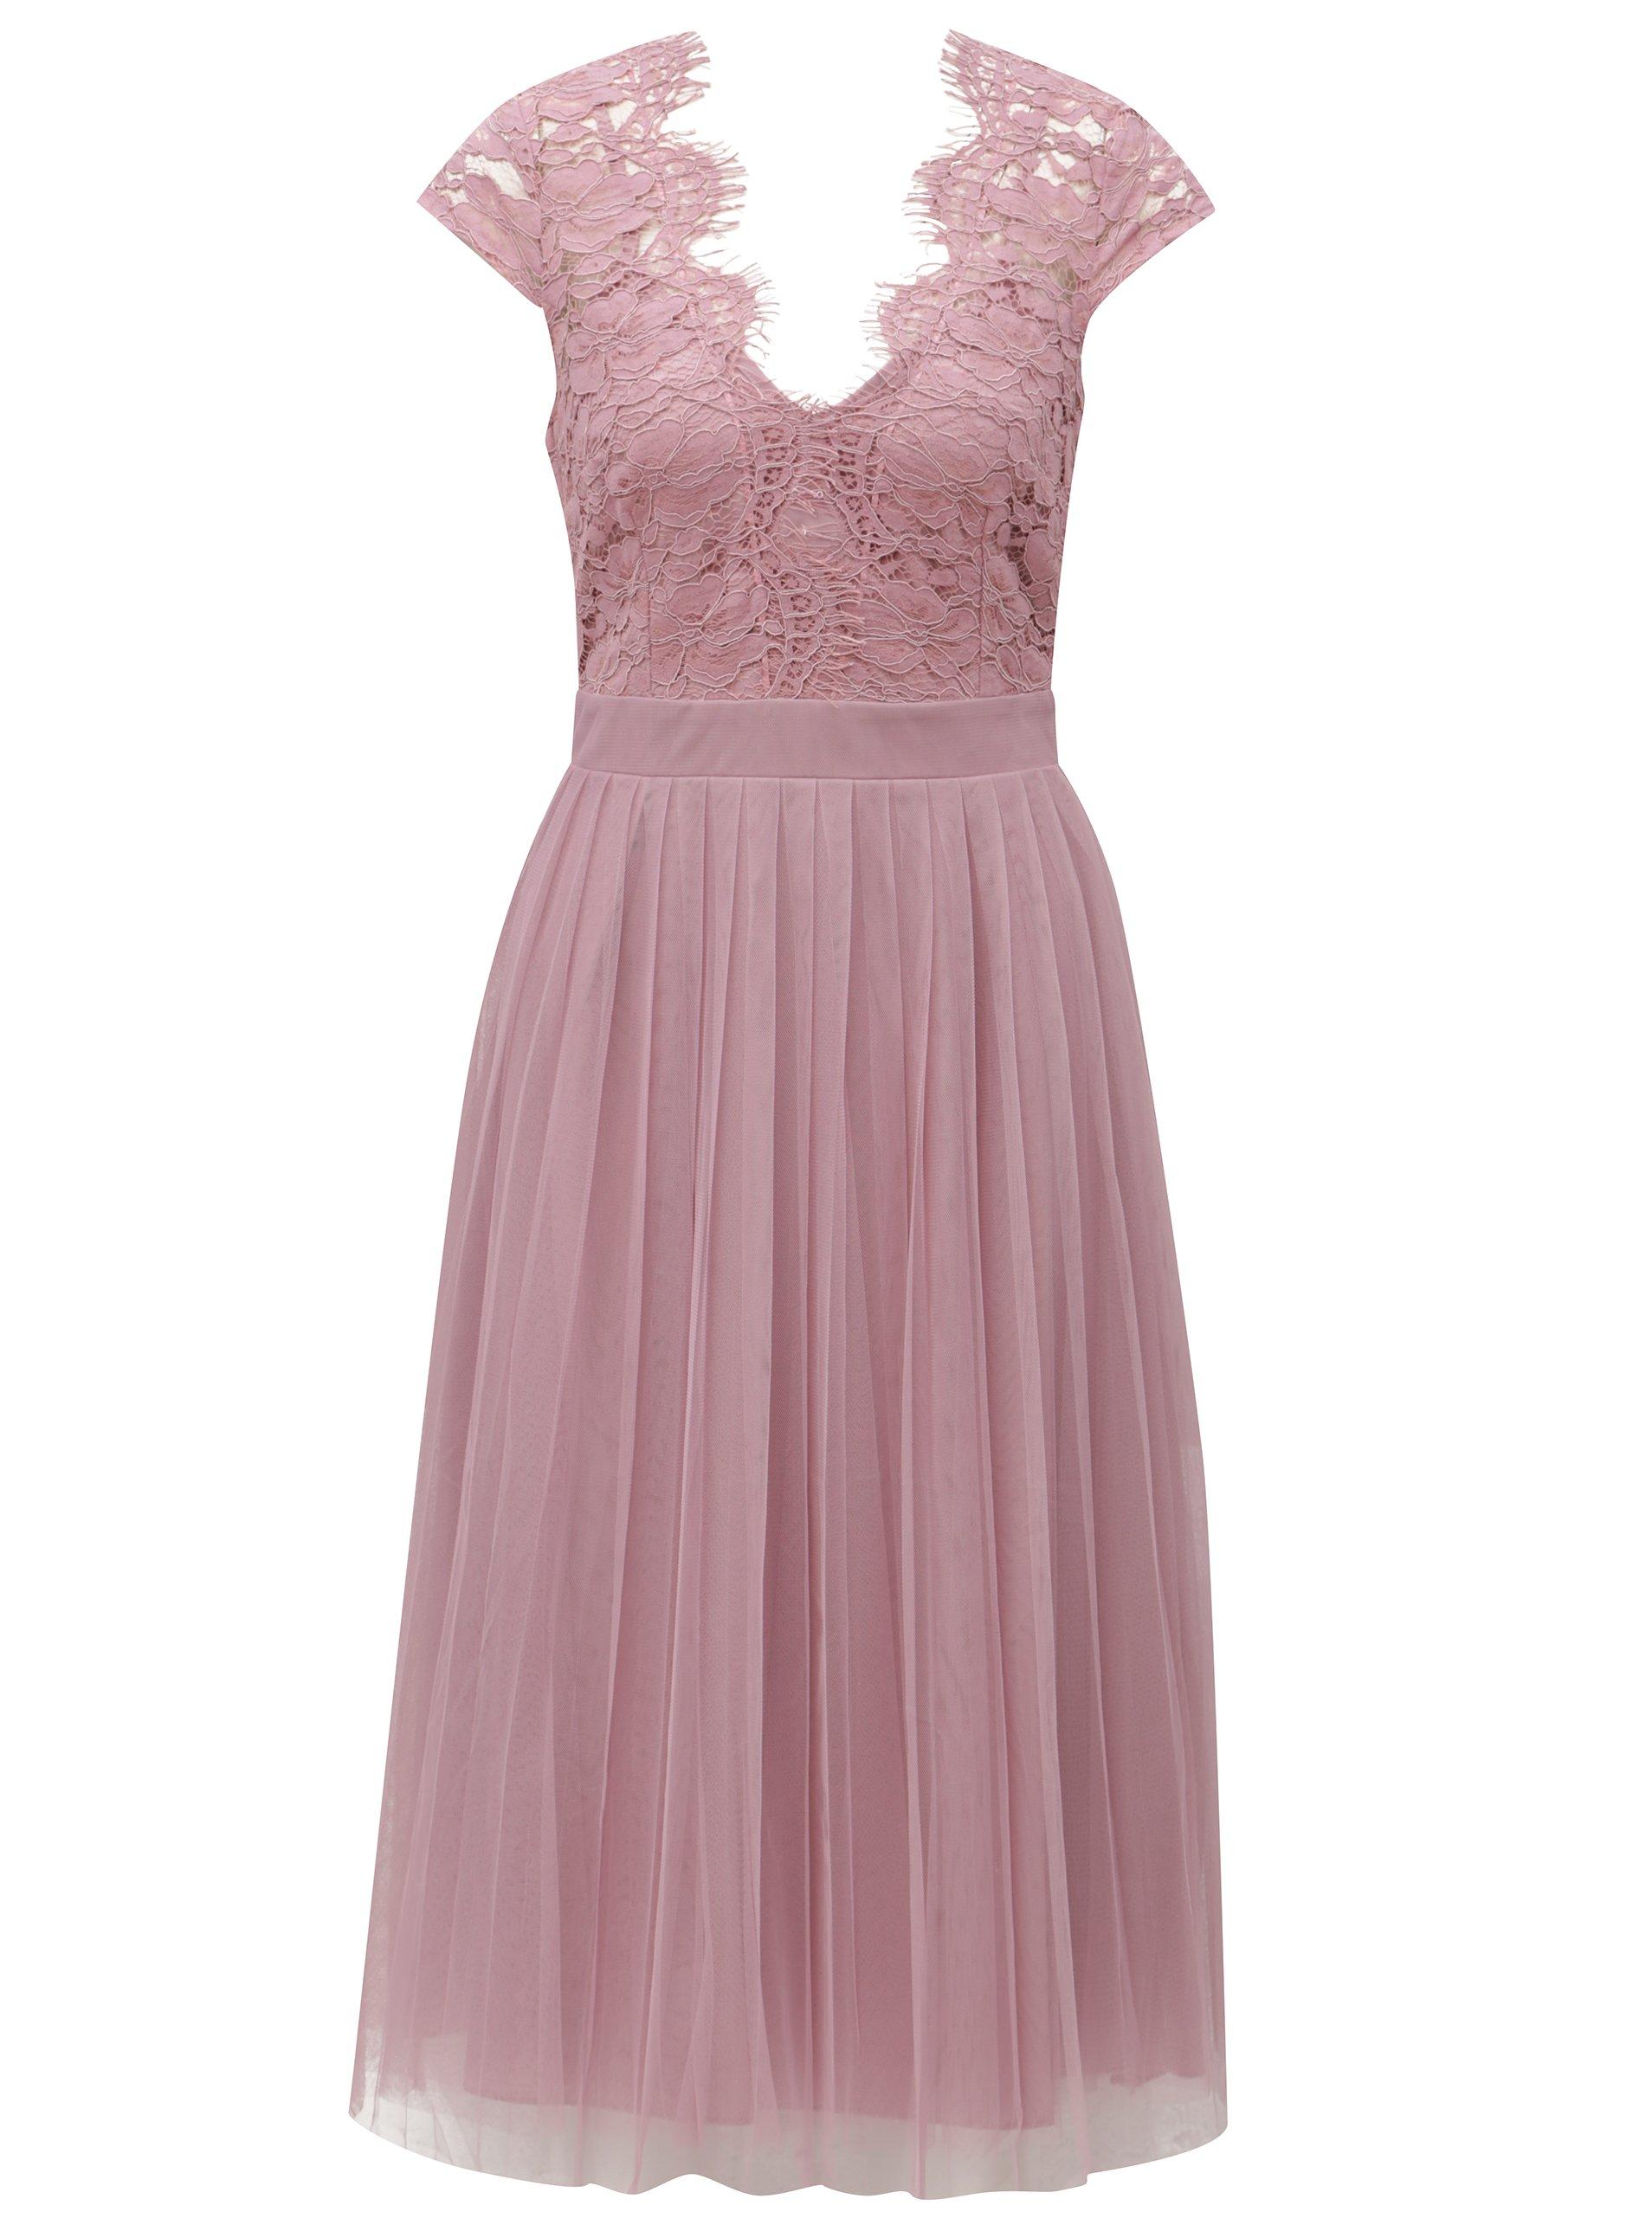 b3a6061e23ba Staroružové šaty s tylovou sukňou Little Mistress